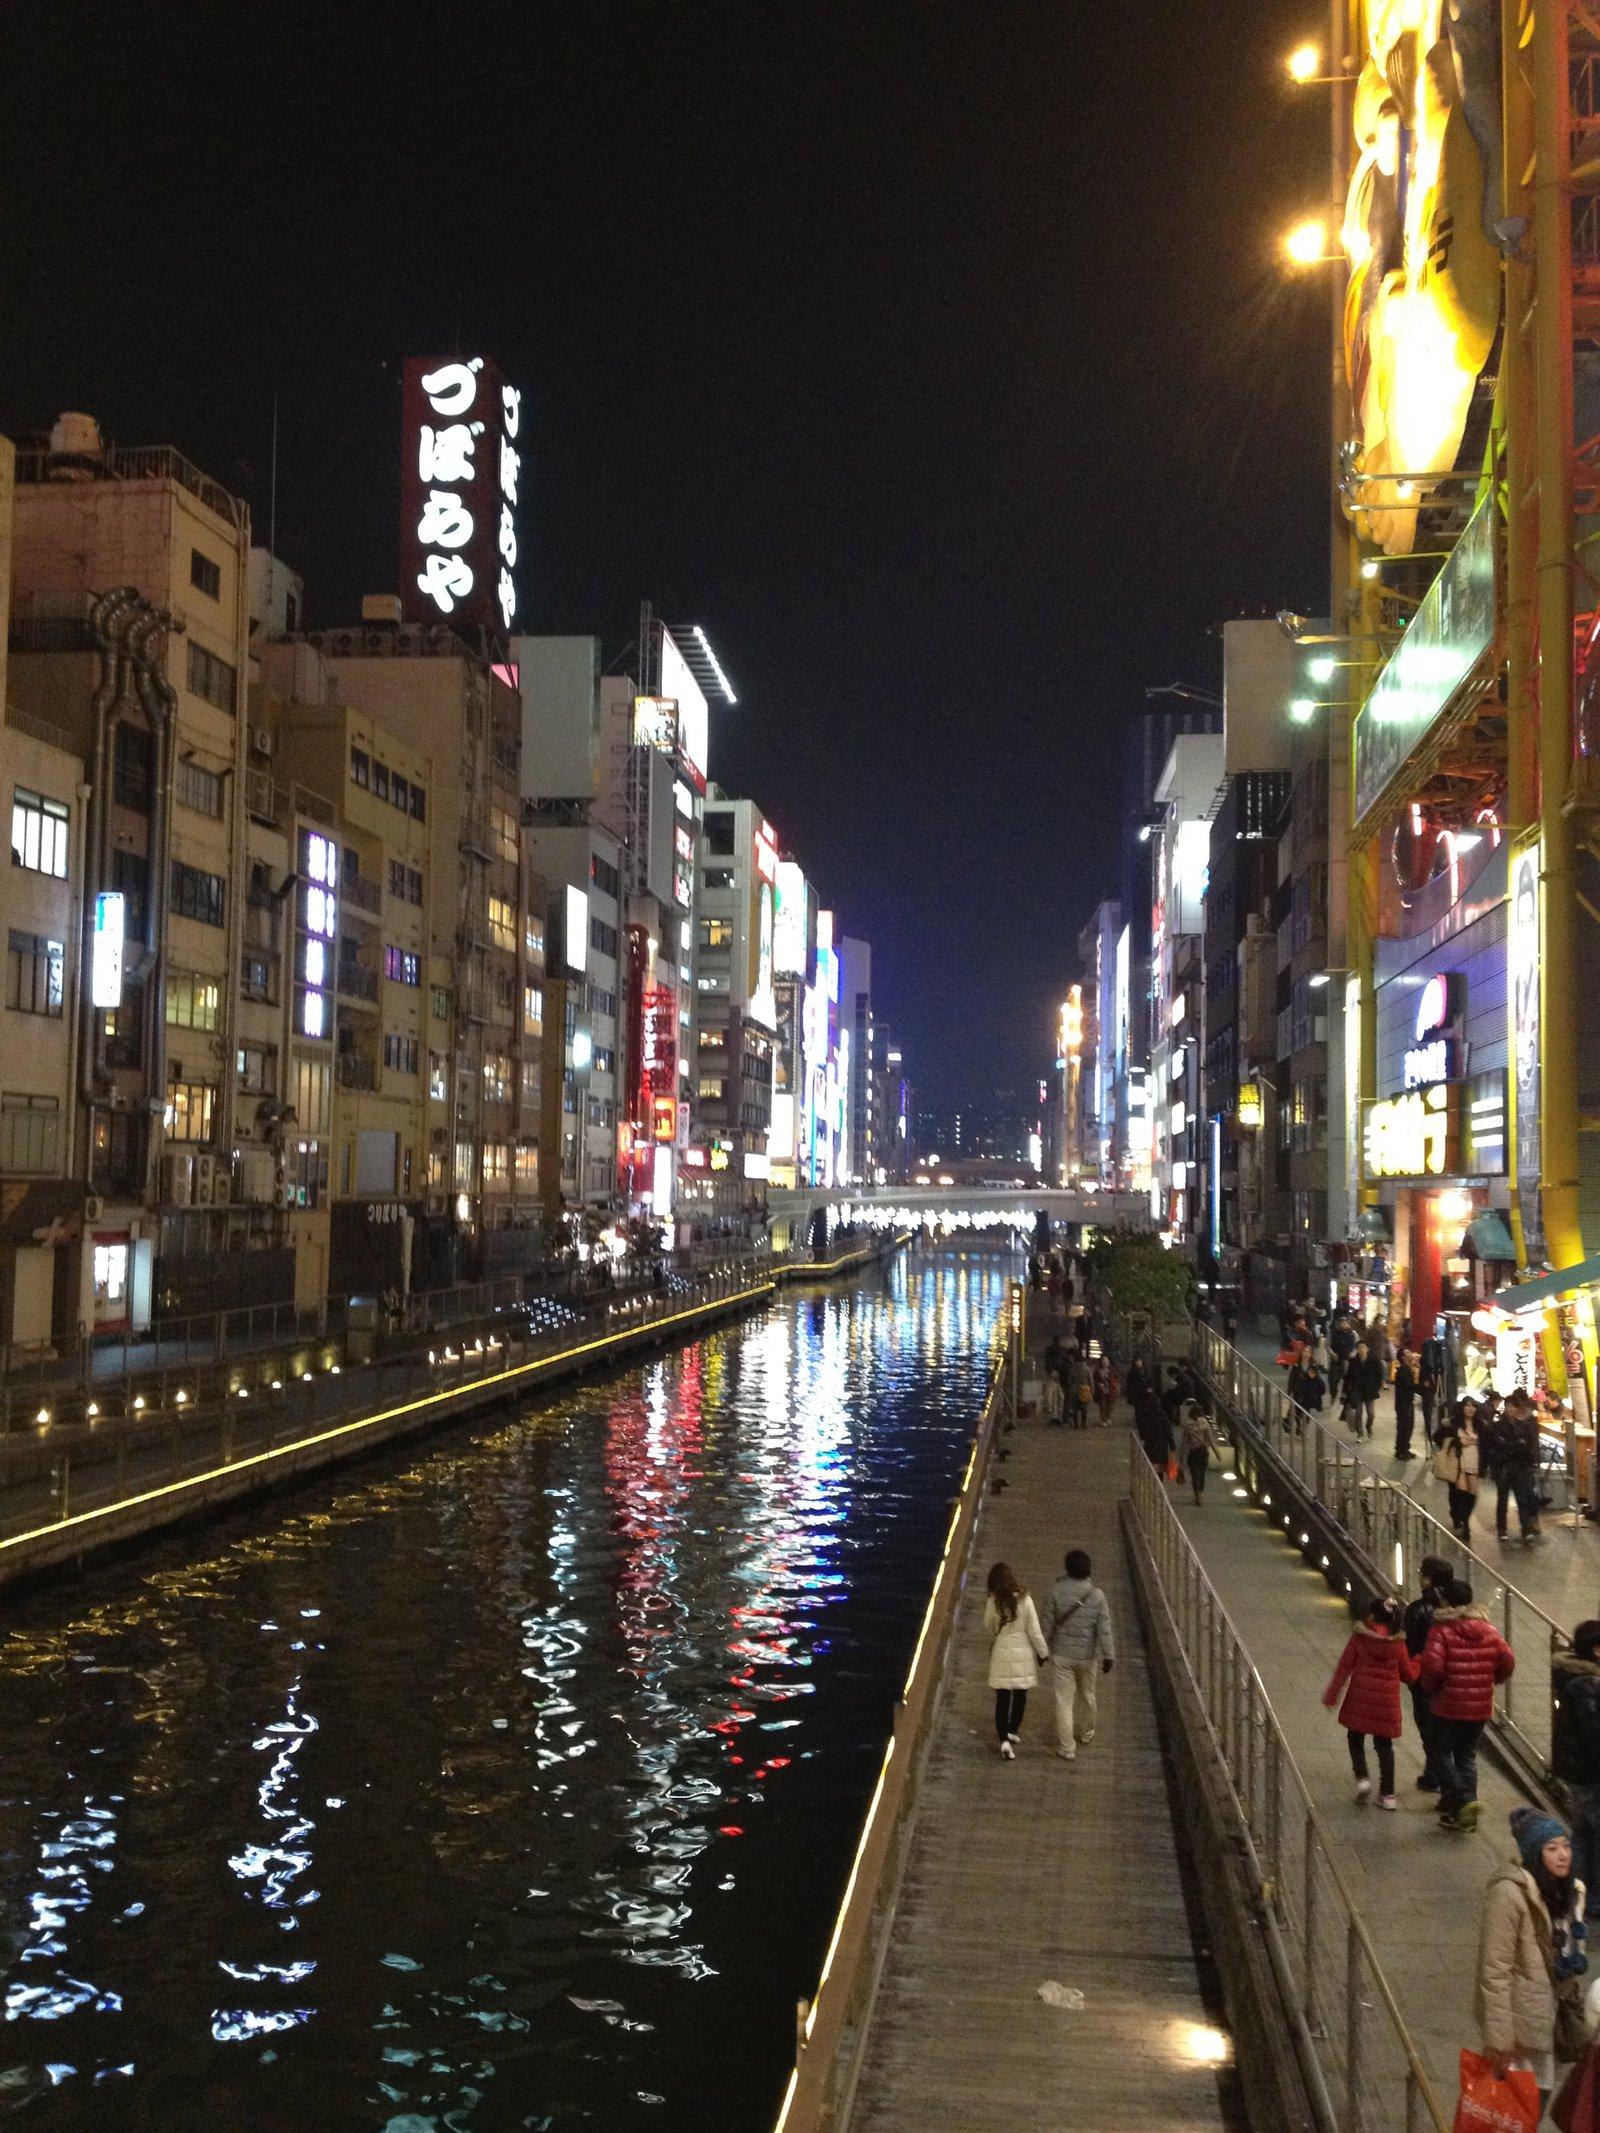 shinsaibashi 2000